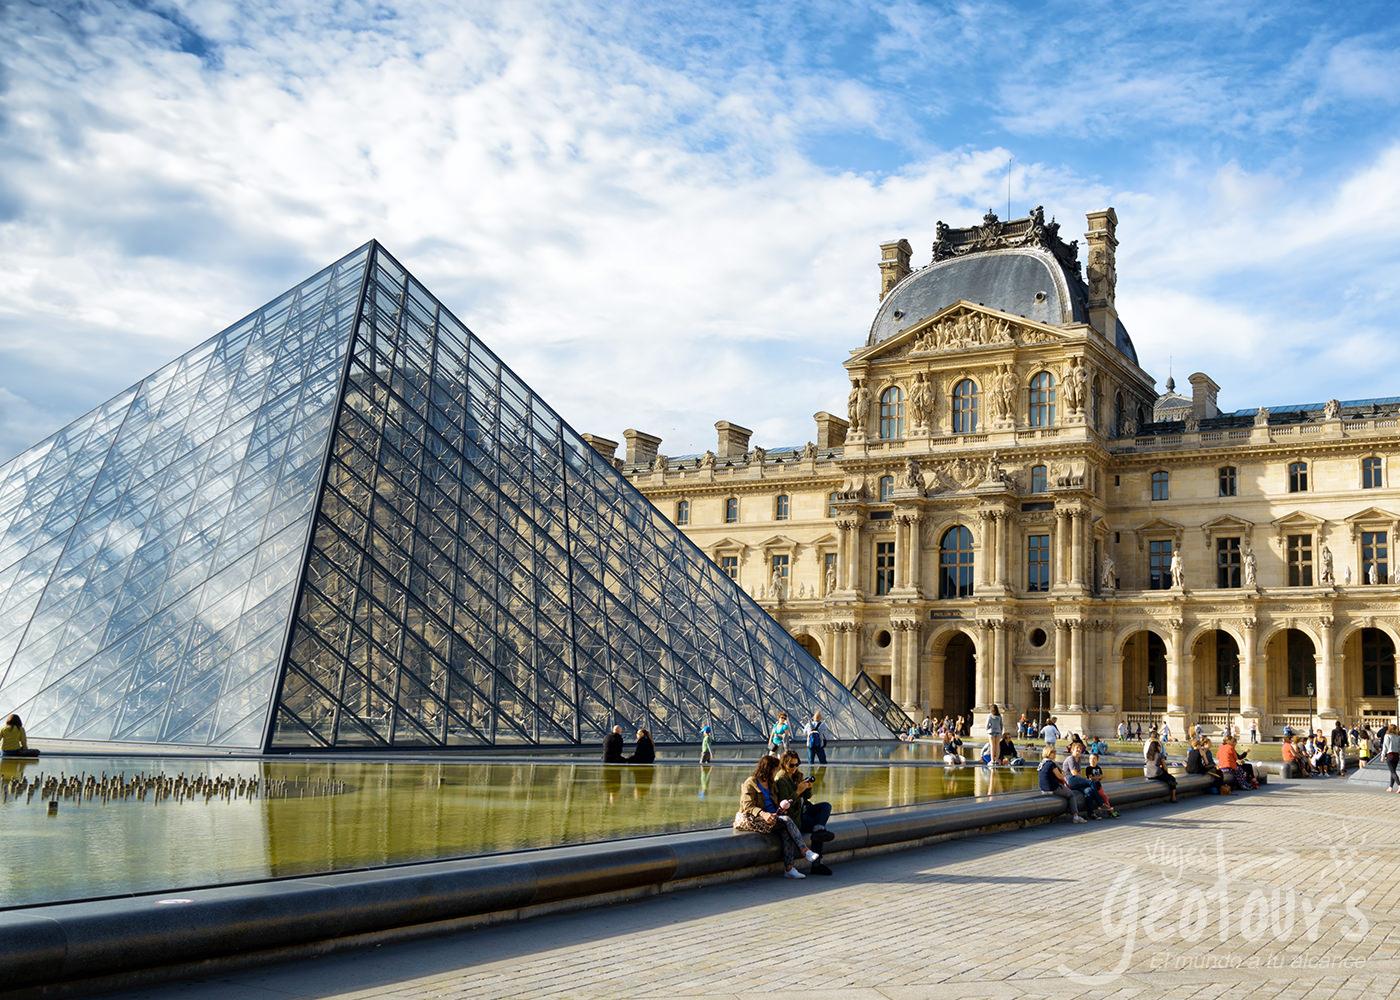 Europa (13 días y 7 países) Inicio París - Fin Roma